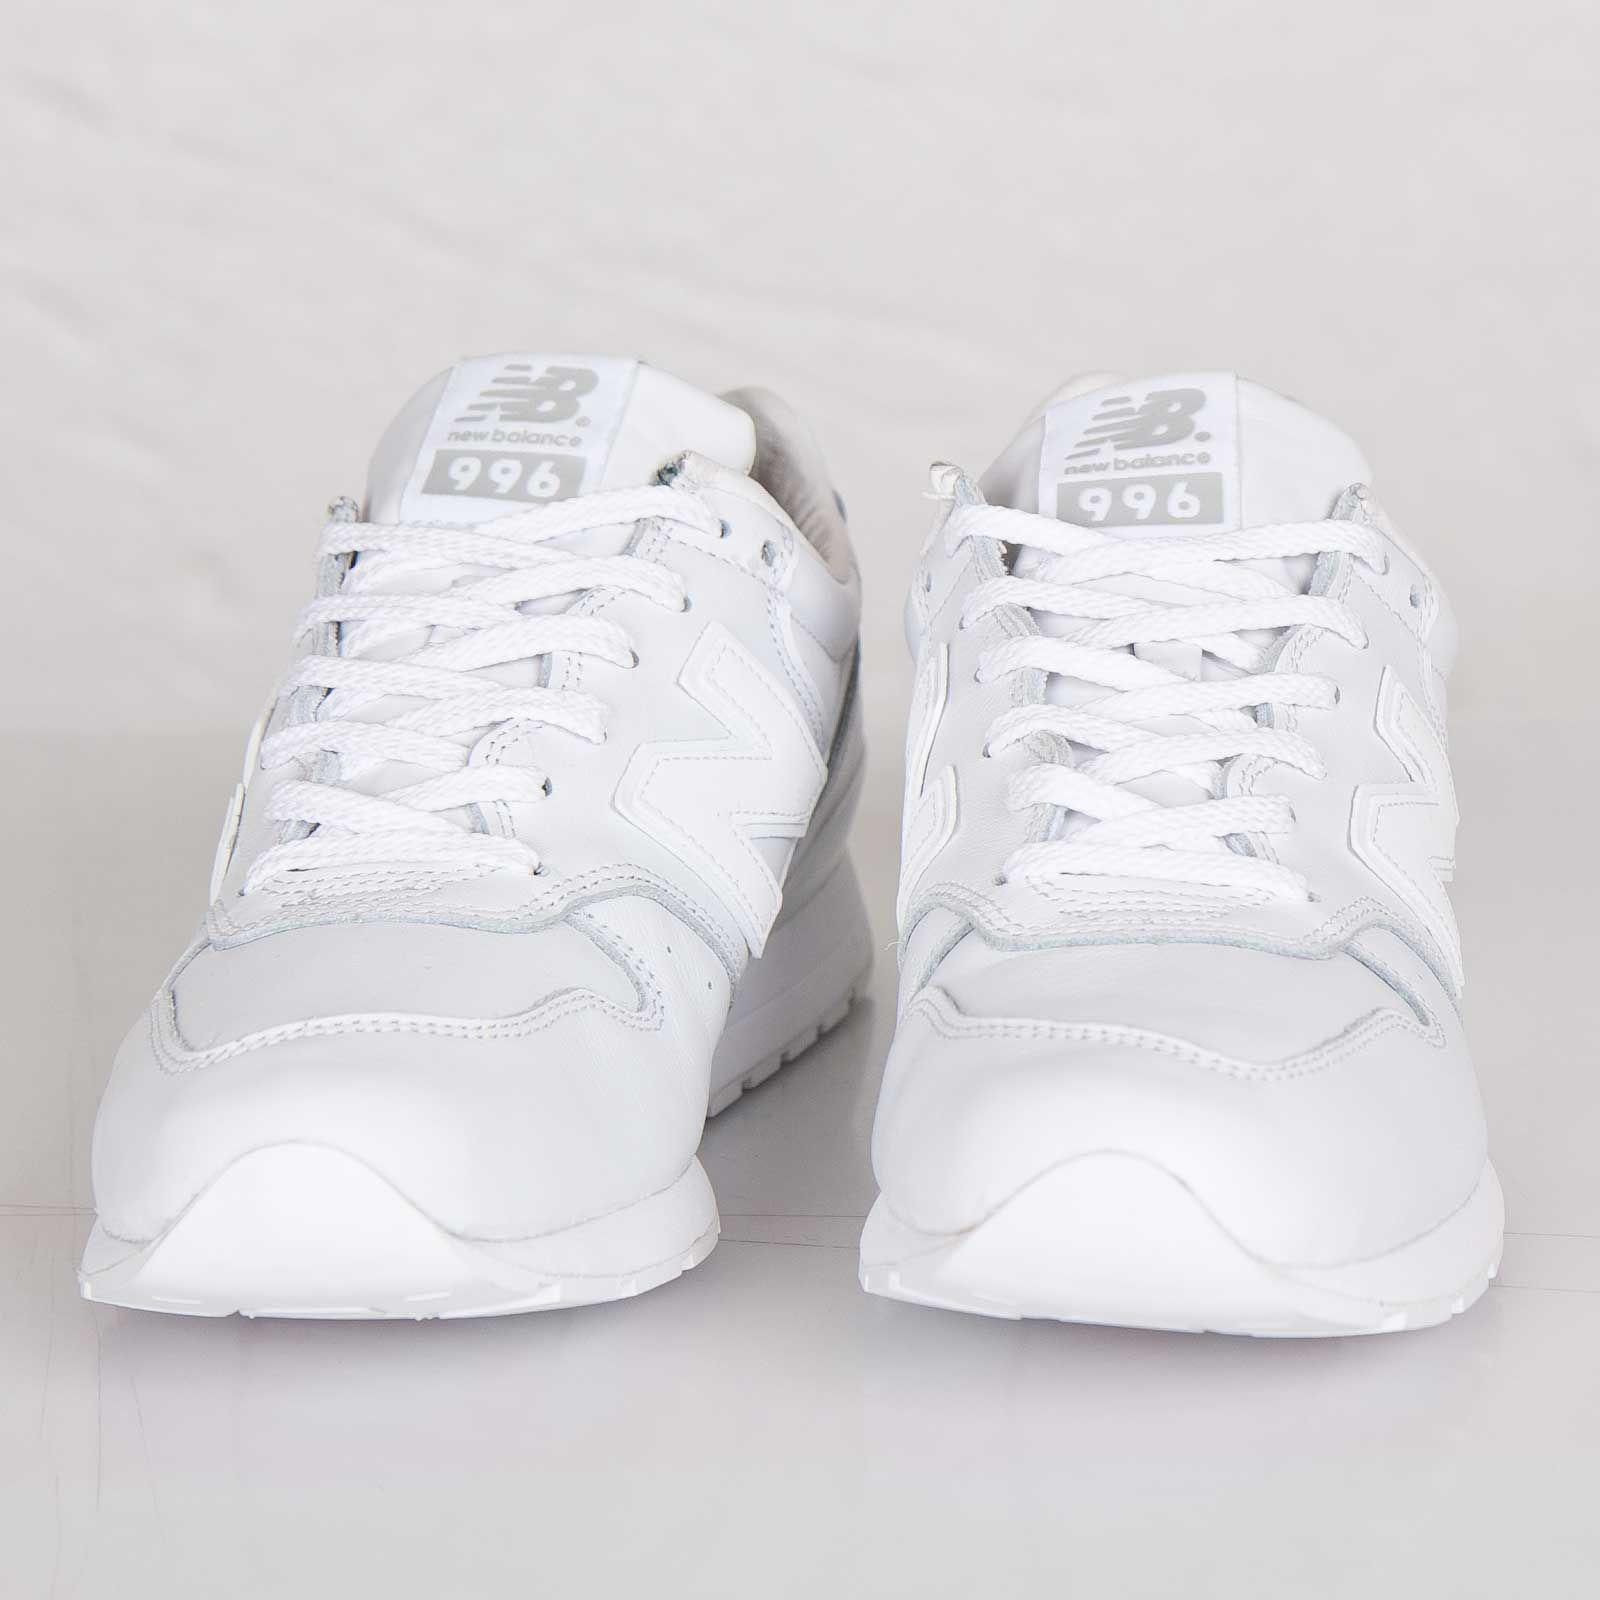 New Balance - MRL996EW - MRL996EW - Sneakersnstuff, sneakers & streetwear  online since 1999